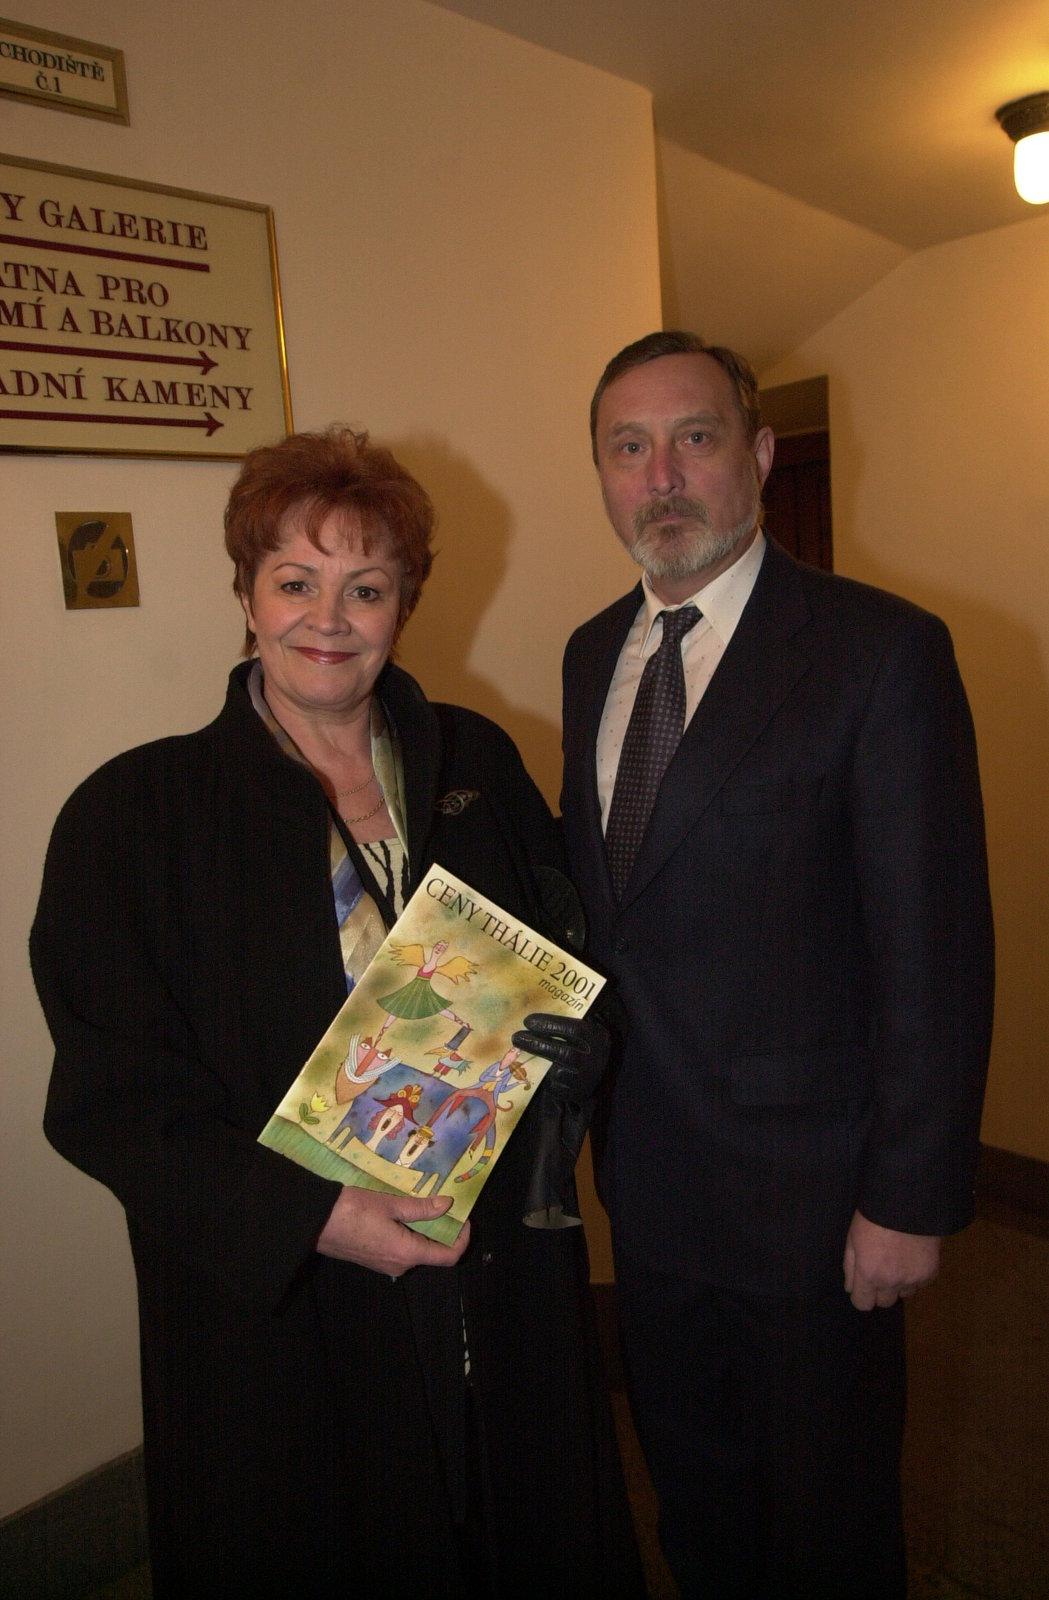 Věra Galatíková a Ladislav Frej